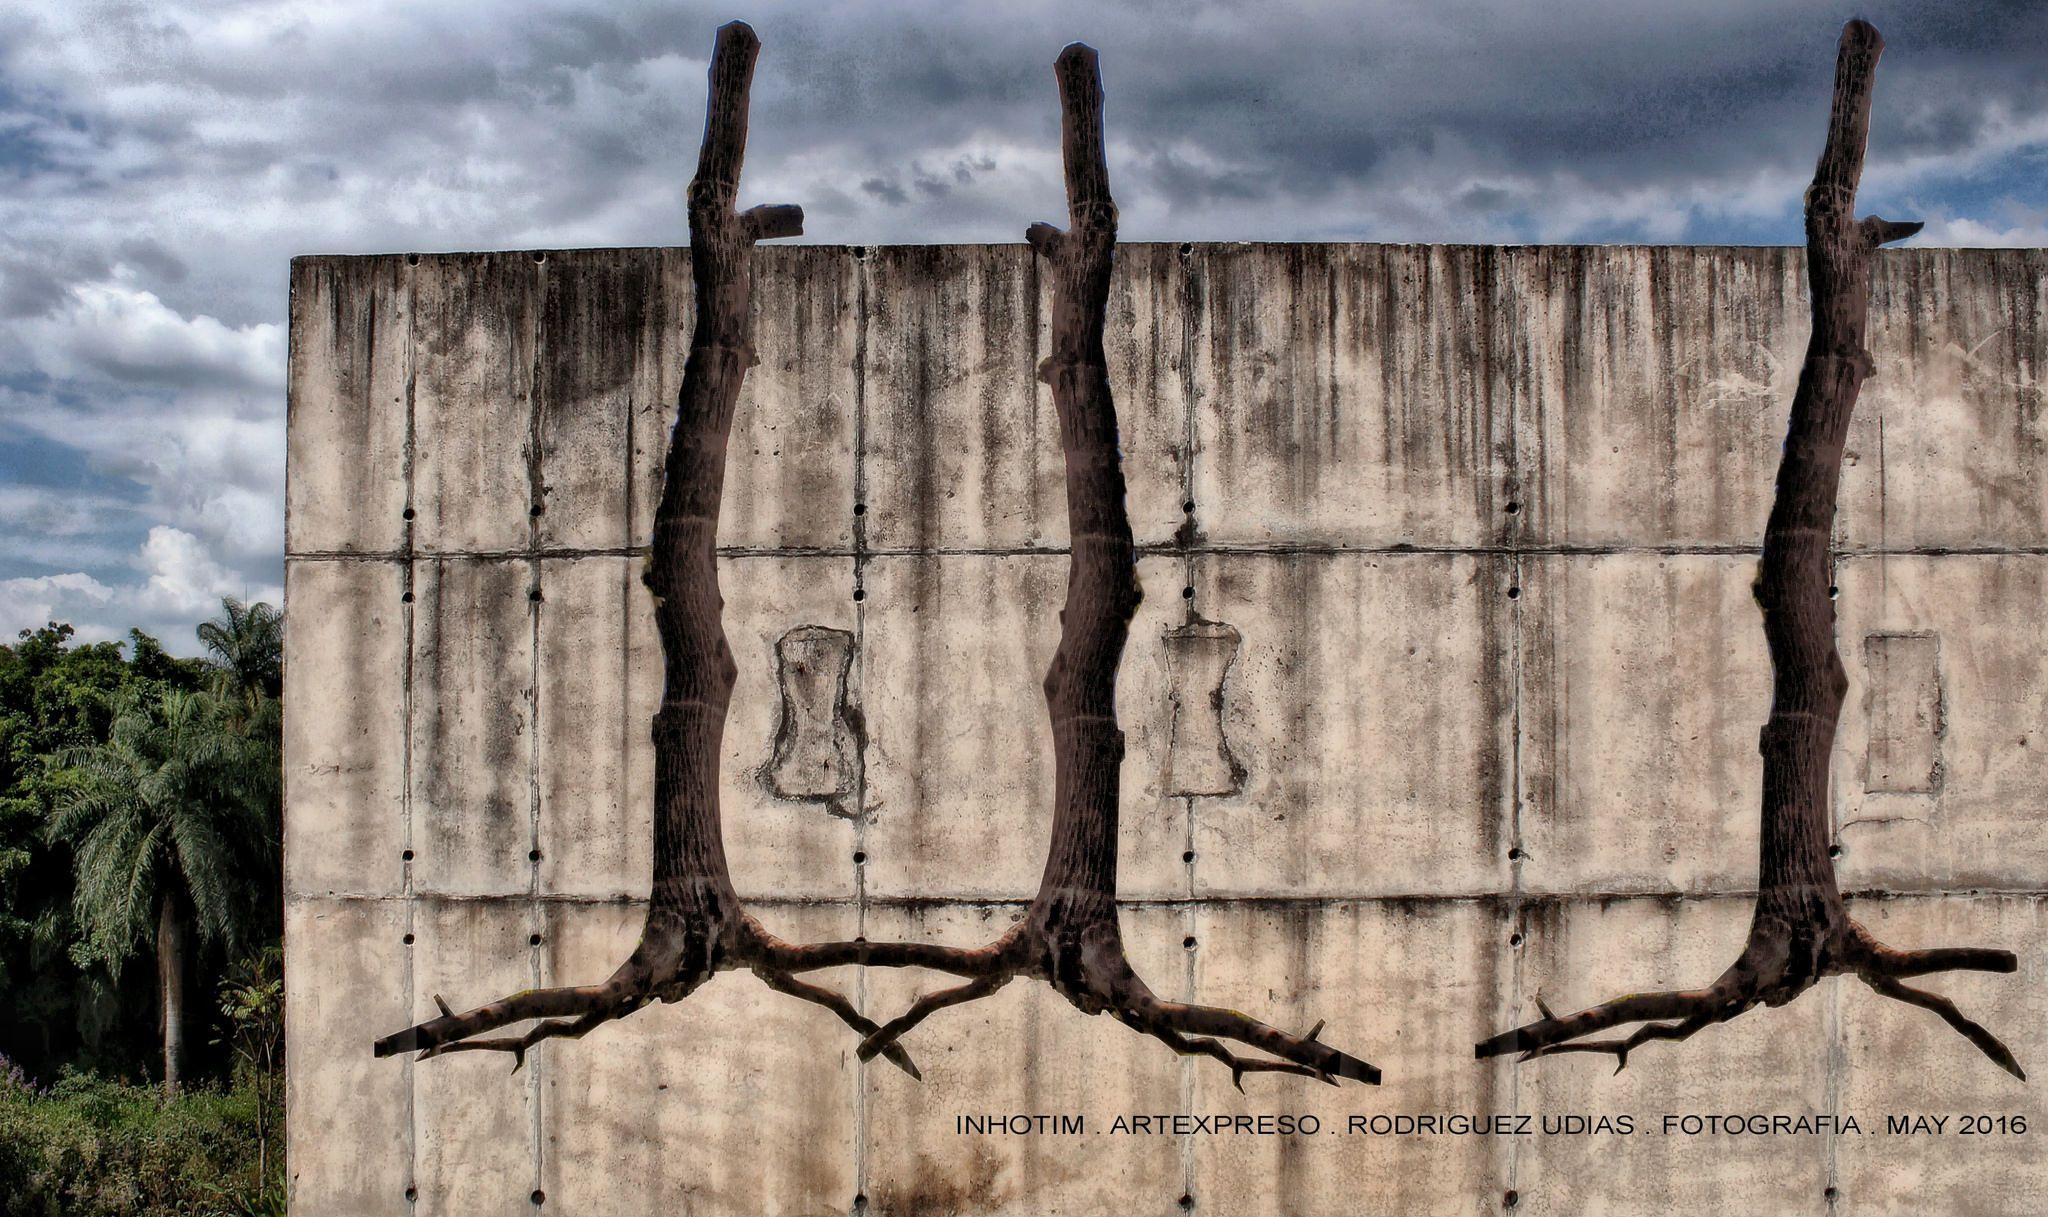 https://flic.kr/p/Go9kMm | INHOTIM . May 2016  25 | Inhotim, Museo y parque ecologico natural. Brumadinho, Minas Gerais. Fotografia: Artexpreso . Rodriguez Udias . *Photochrome Artwork Edition / BH, Brasil . May 2016 .. Website: rodudias.wix.com/artexpreso #Inhotim #artexpreso #photochrome #minasgerais #soubh